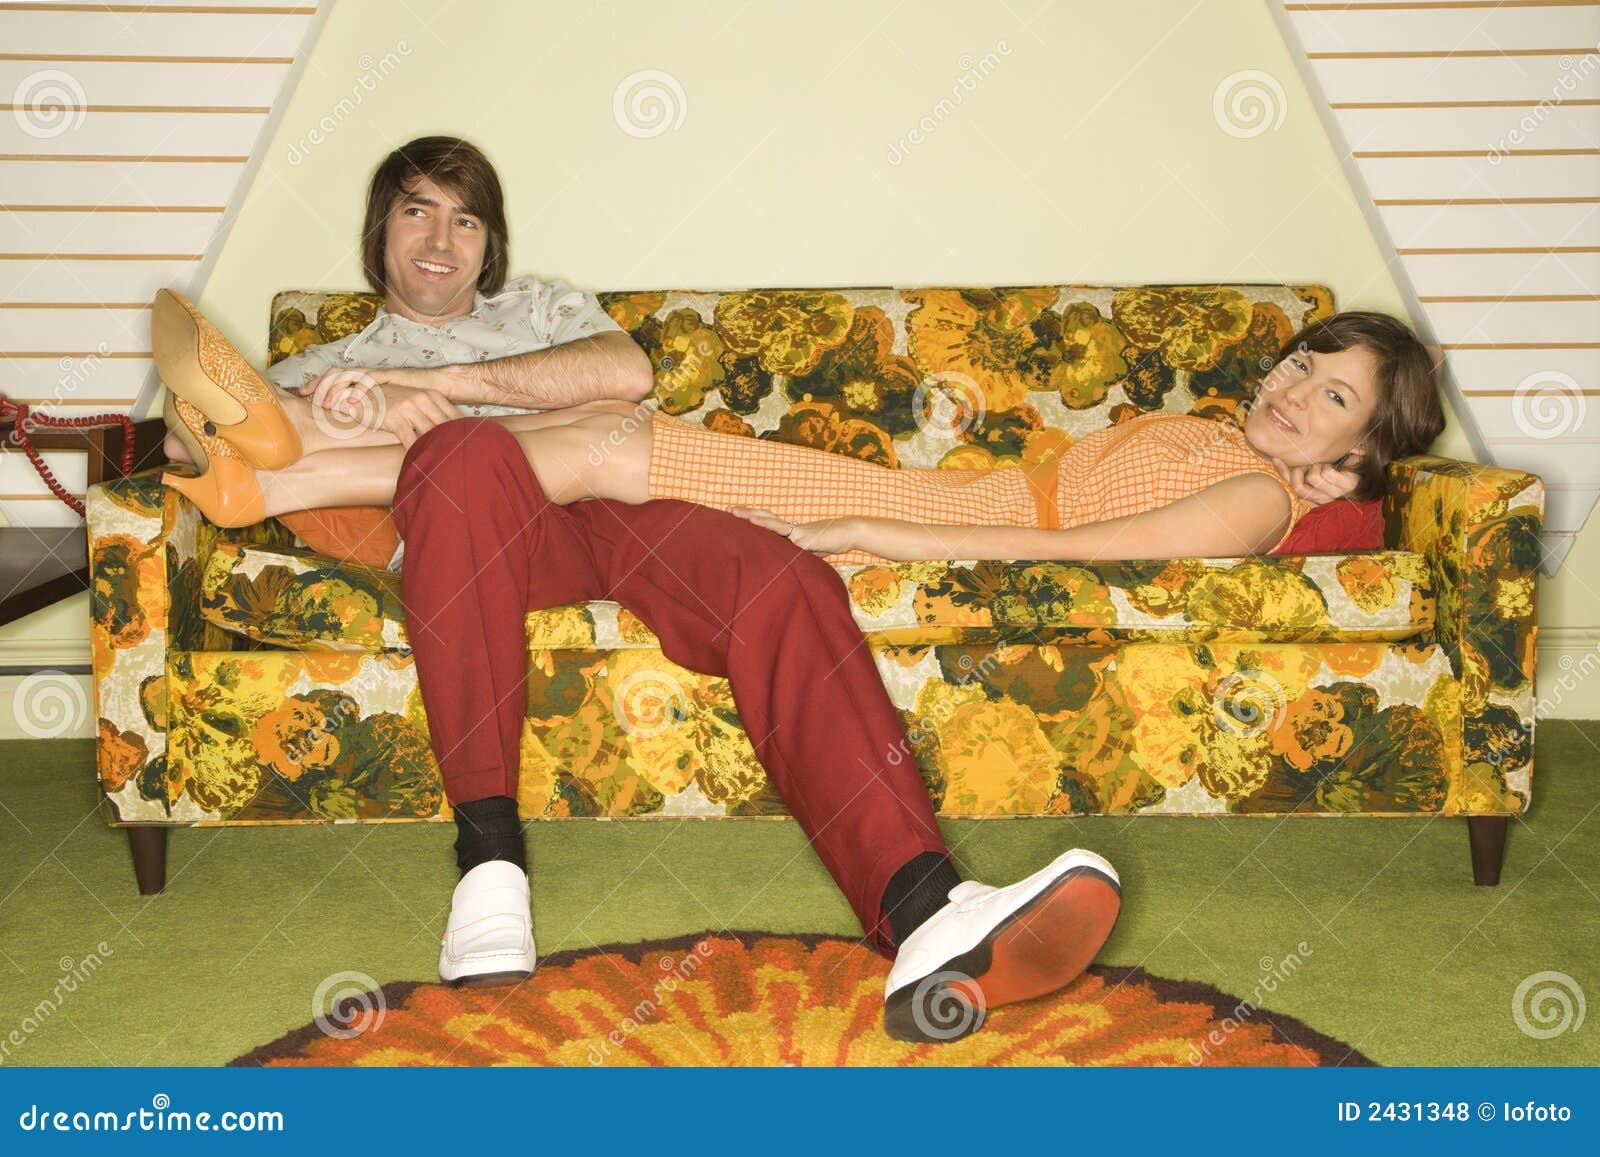 Фото мужик лежит на диване 21 фотография